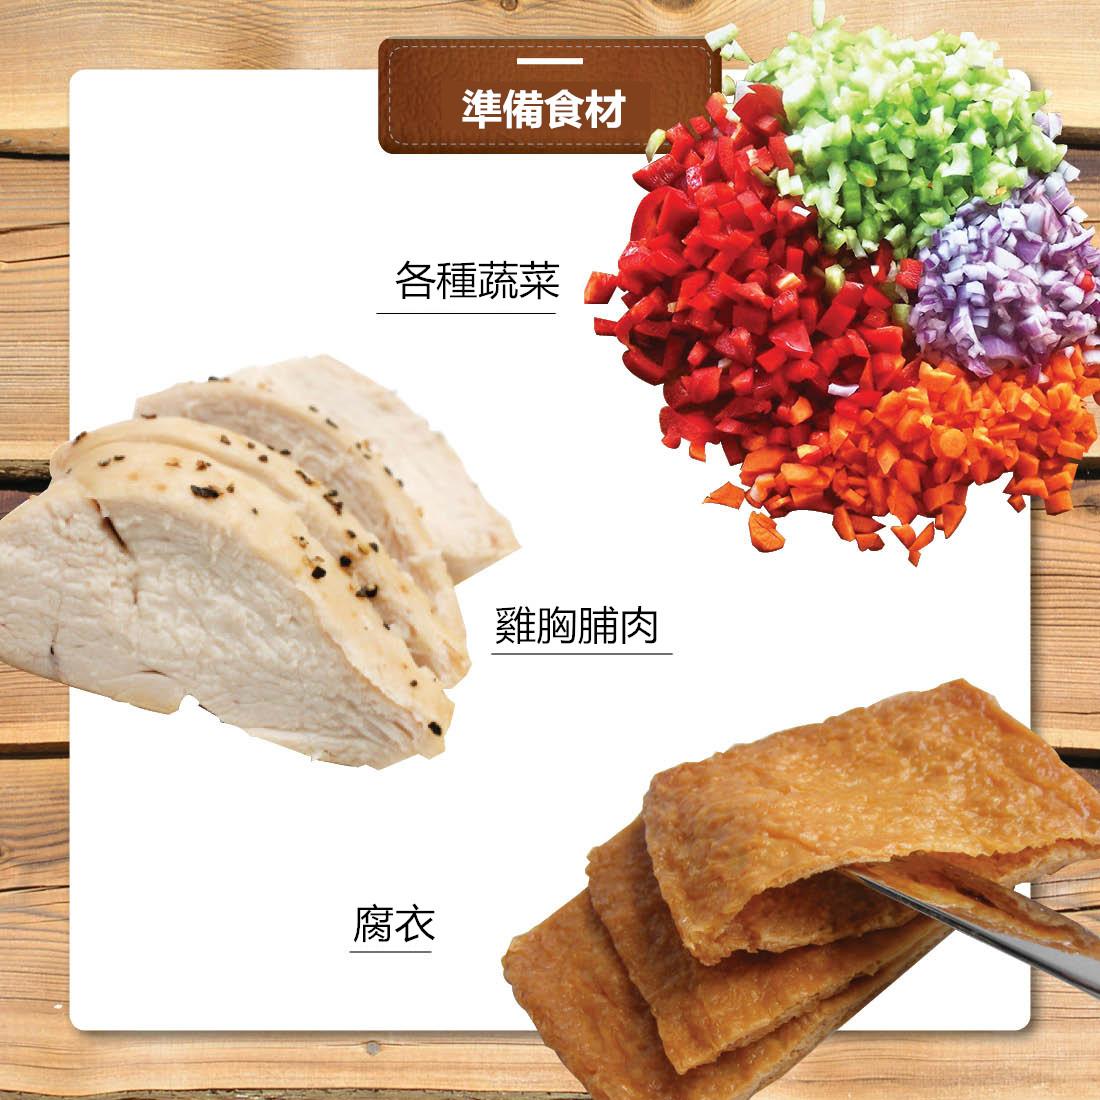 把雞胸肉先煎熟,然後選一些自己喜歡吃的蔬菜切成丁,豆腐皮去超市買現成的就好了!